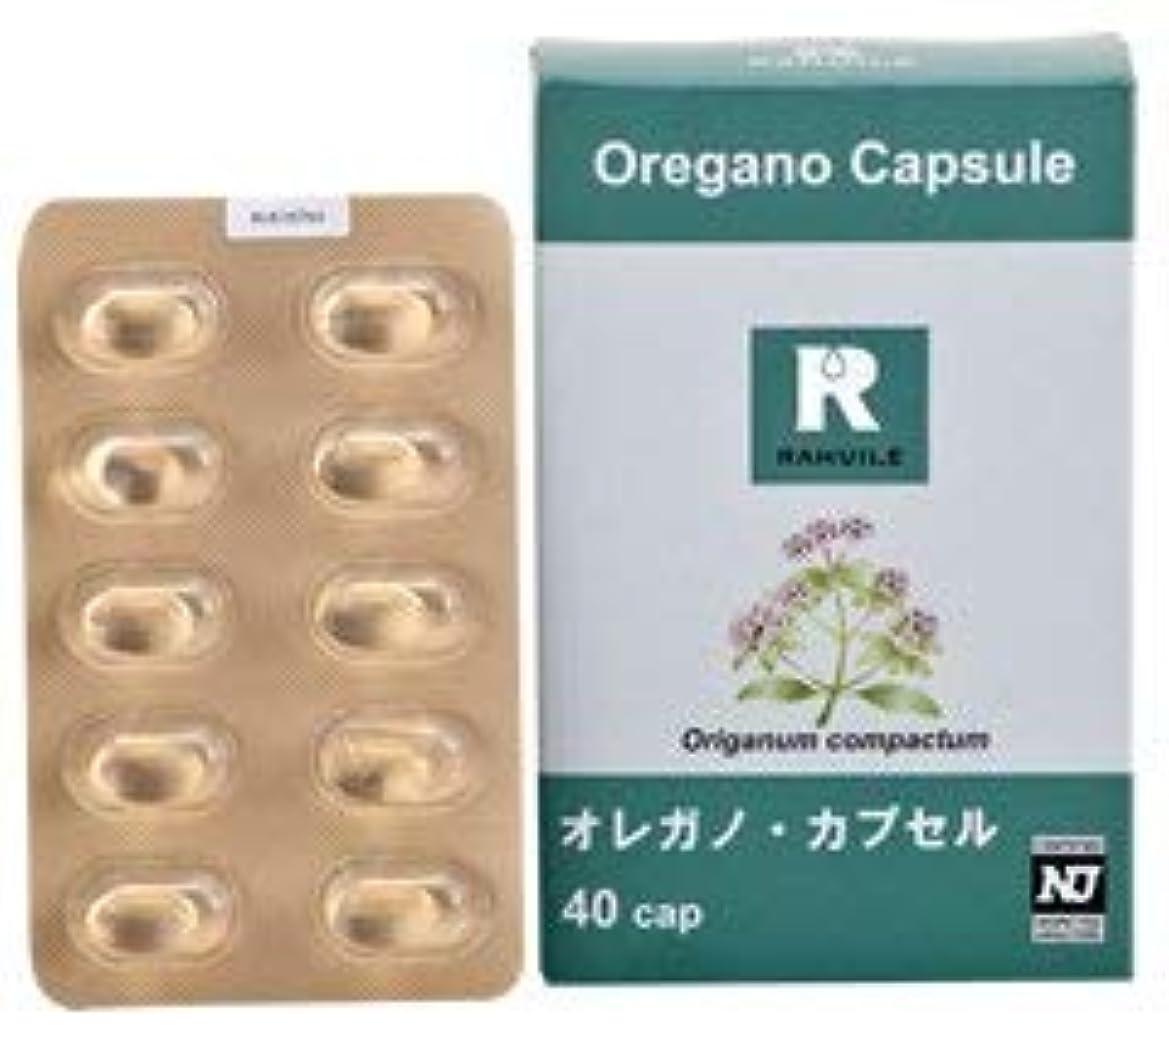 すごい哲学博士ブルゴーニュラフューレ ( RAHUILE ) カプセルサプリメント オレガノ?アロマカプセル 40粒 cap001